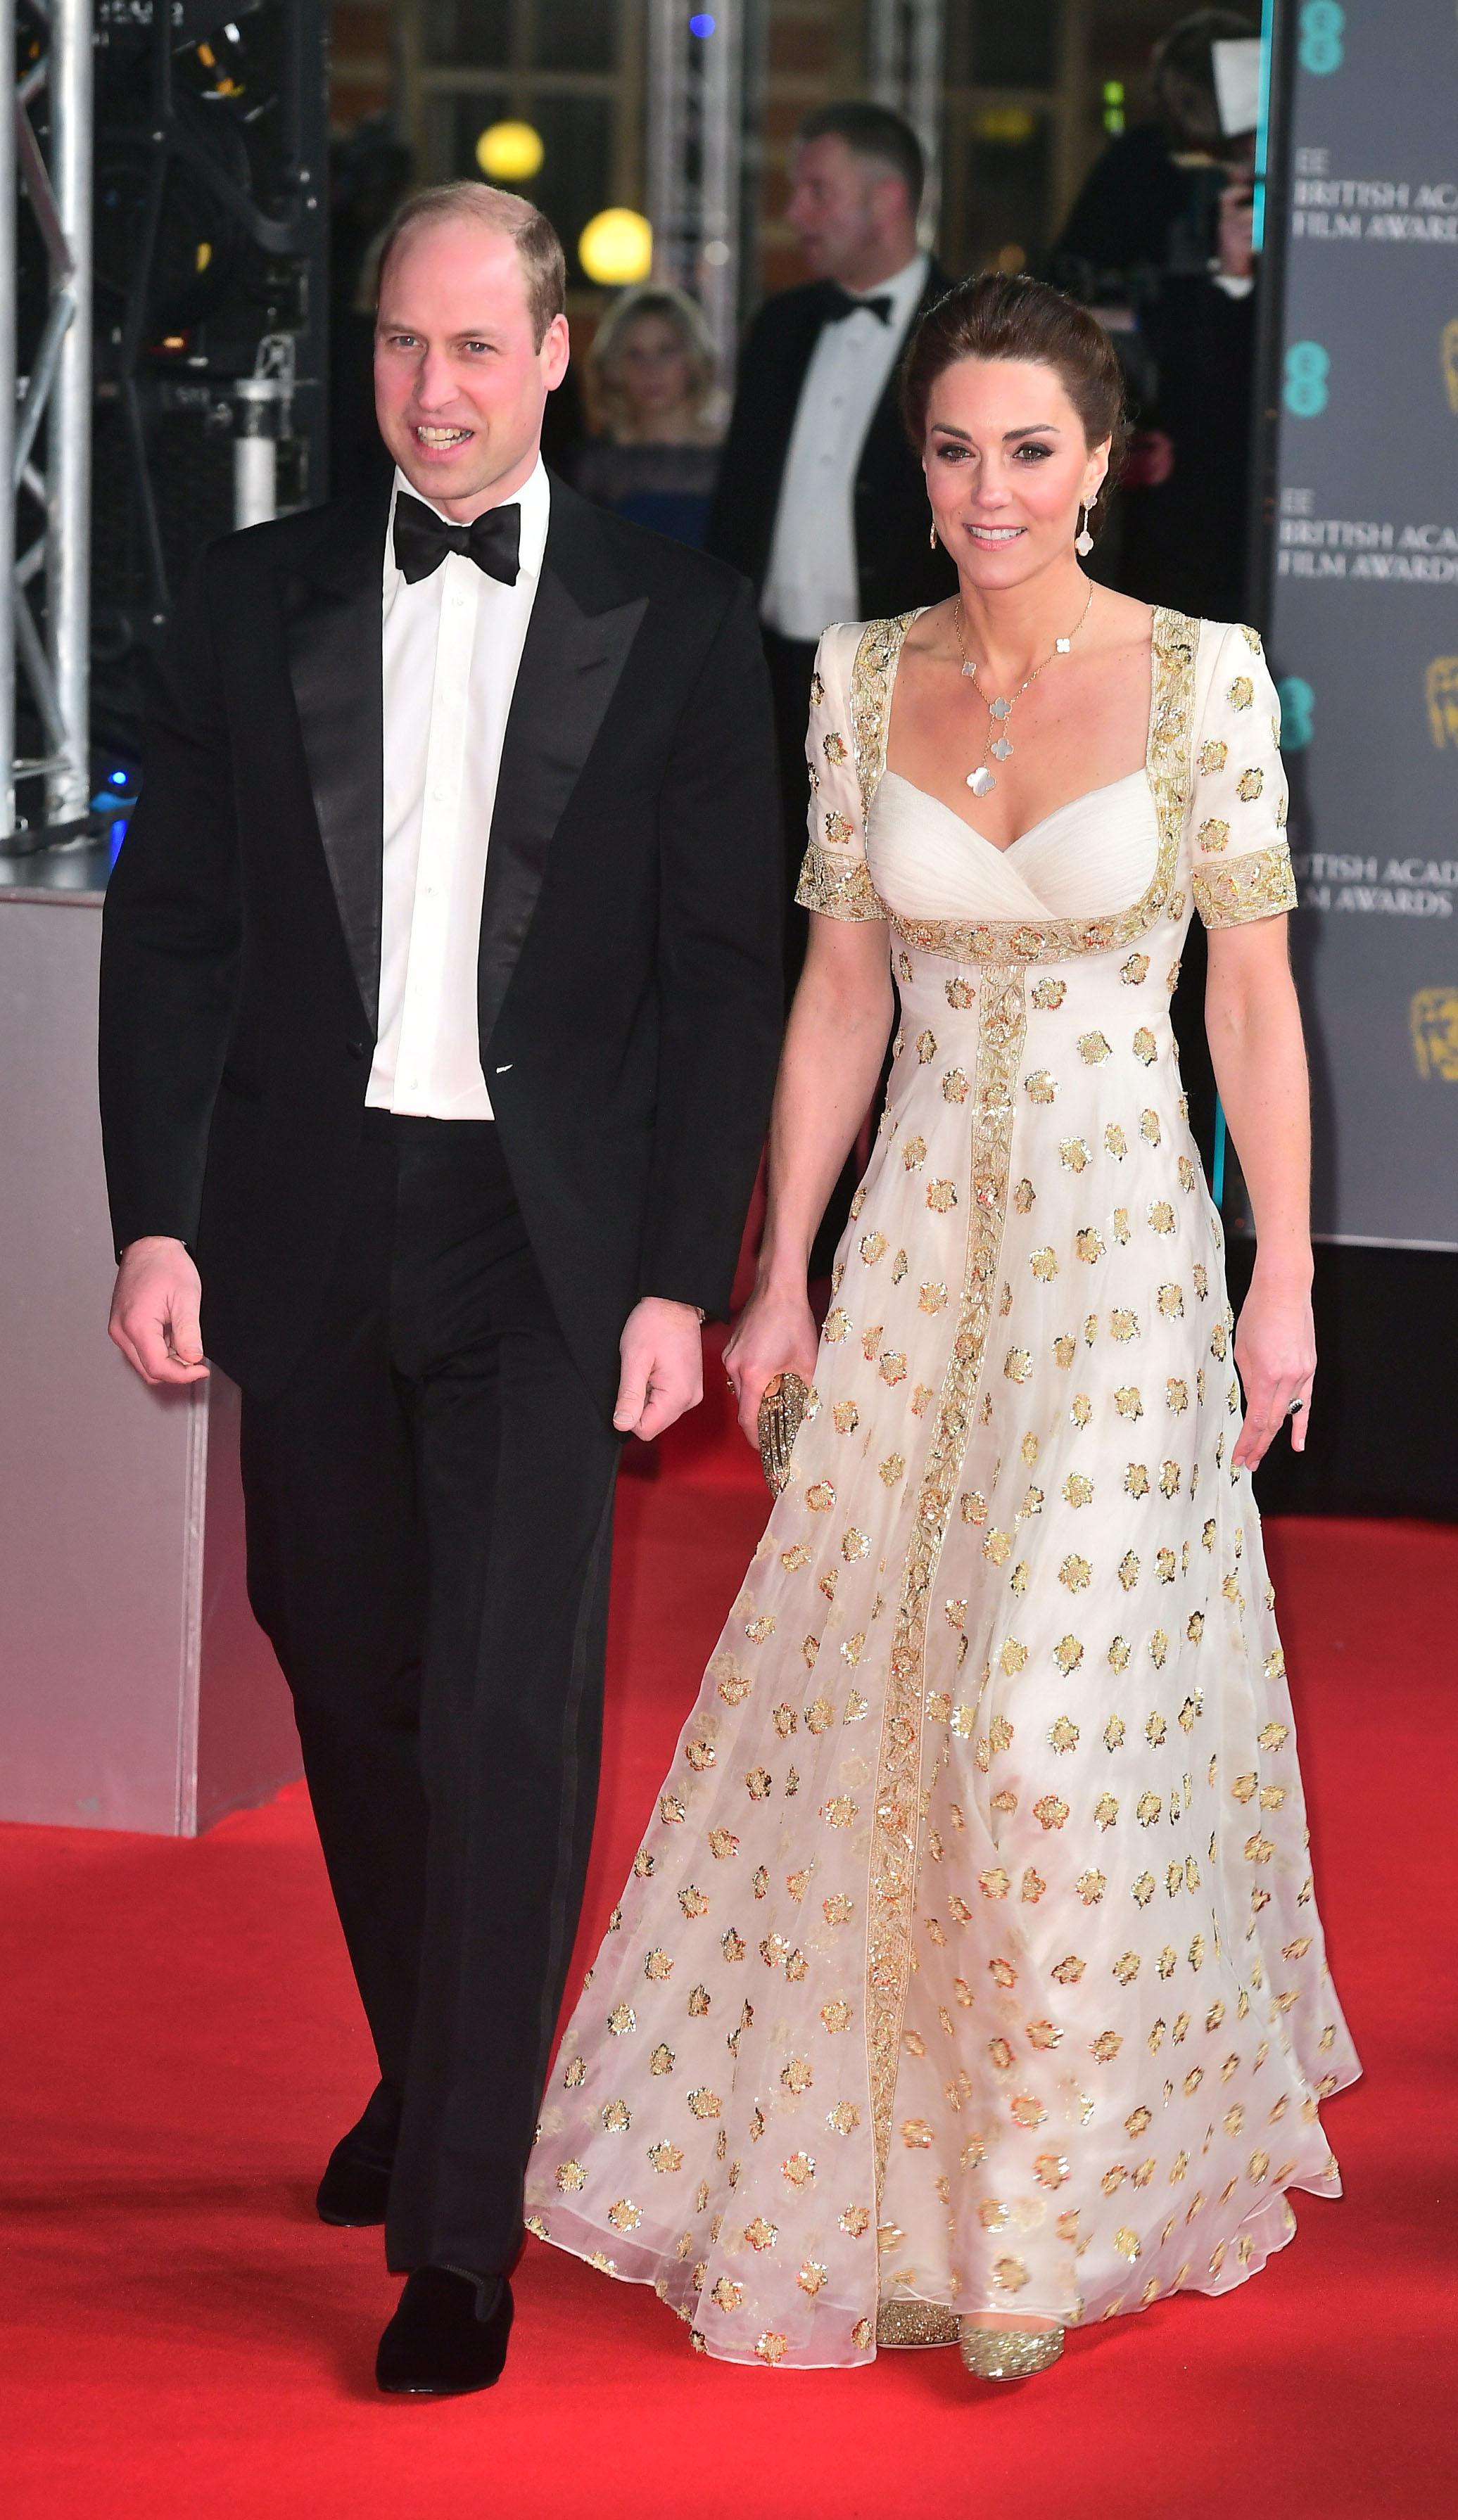 The Duchess of Cambridge wearing ROMY